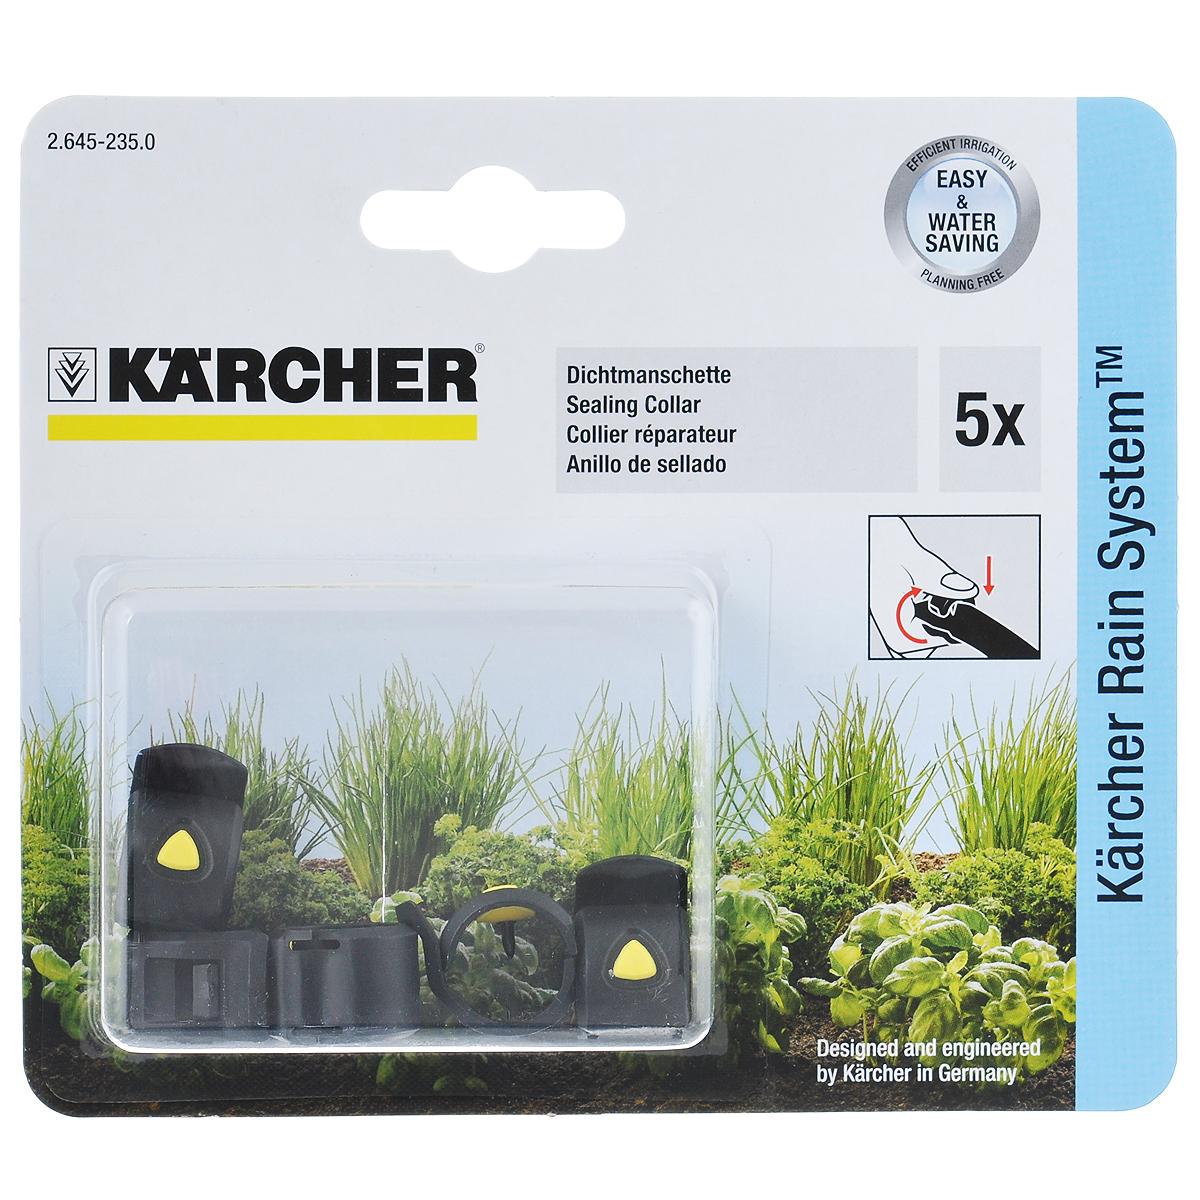 Герметизирующий хомут Karcher 5 шт 2.645-235.02.645-235.0Специальный хомут предназначен для герметизации неиспользуемых отверстий в системном шланге, пробитых для установки капельниц или разбрызгивателей. В комплекте 5 хомутов.